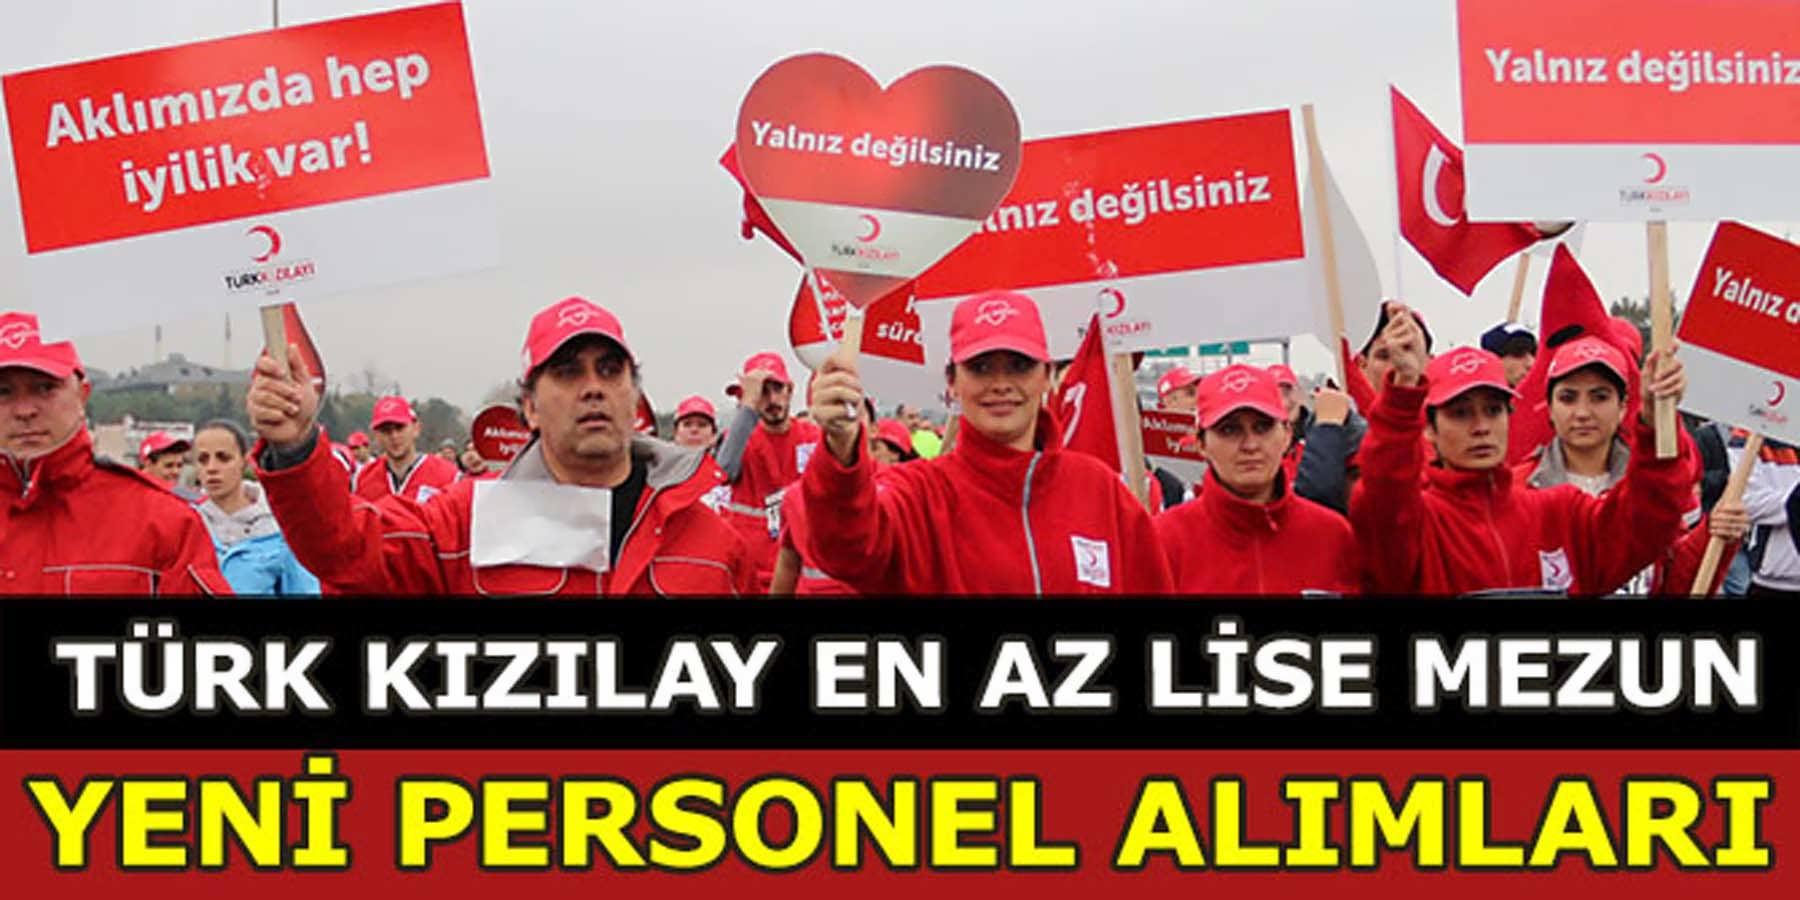 Türk Kızılay En Az Lise Mezunu Lojistik, Çağrı, Tercüman Ve Sağlık Personeli Alımı